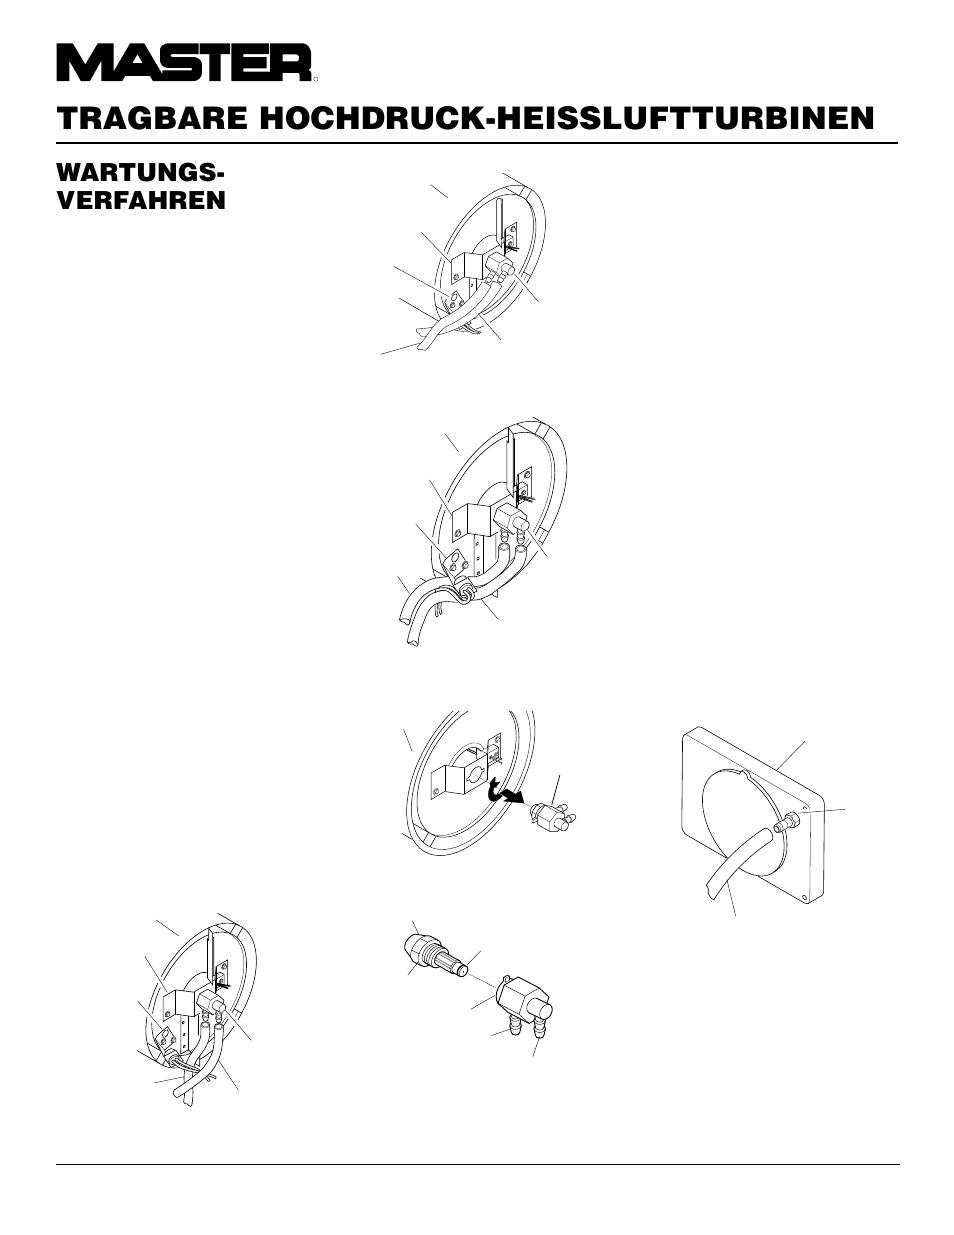 Tragbare hochdruck-heissluftturbinen, Wartungs- verfahren